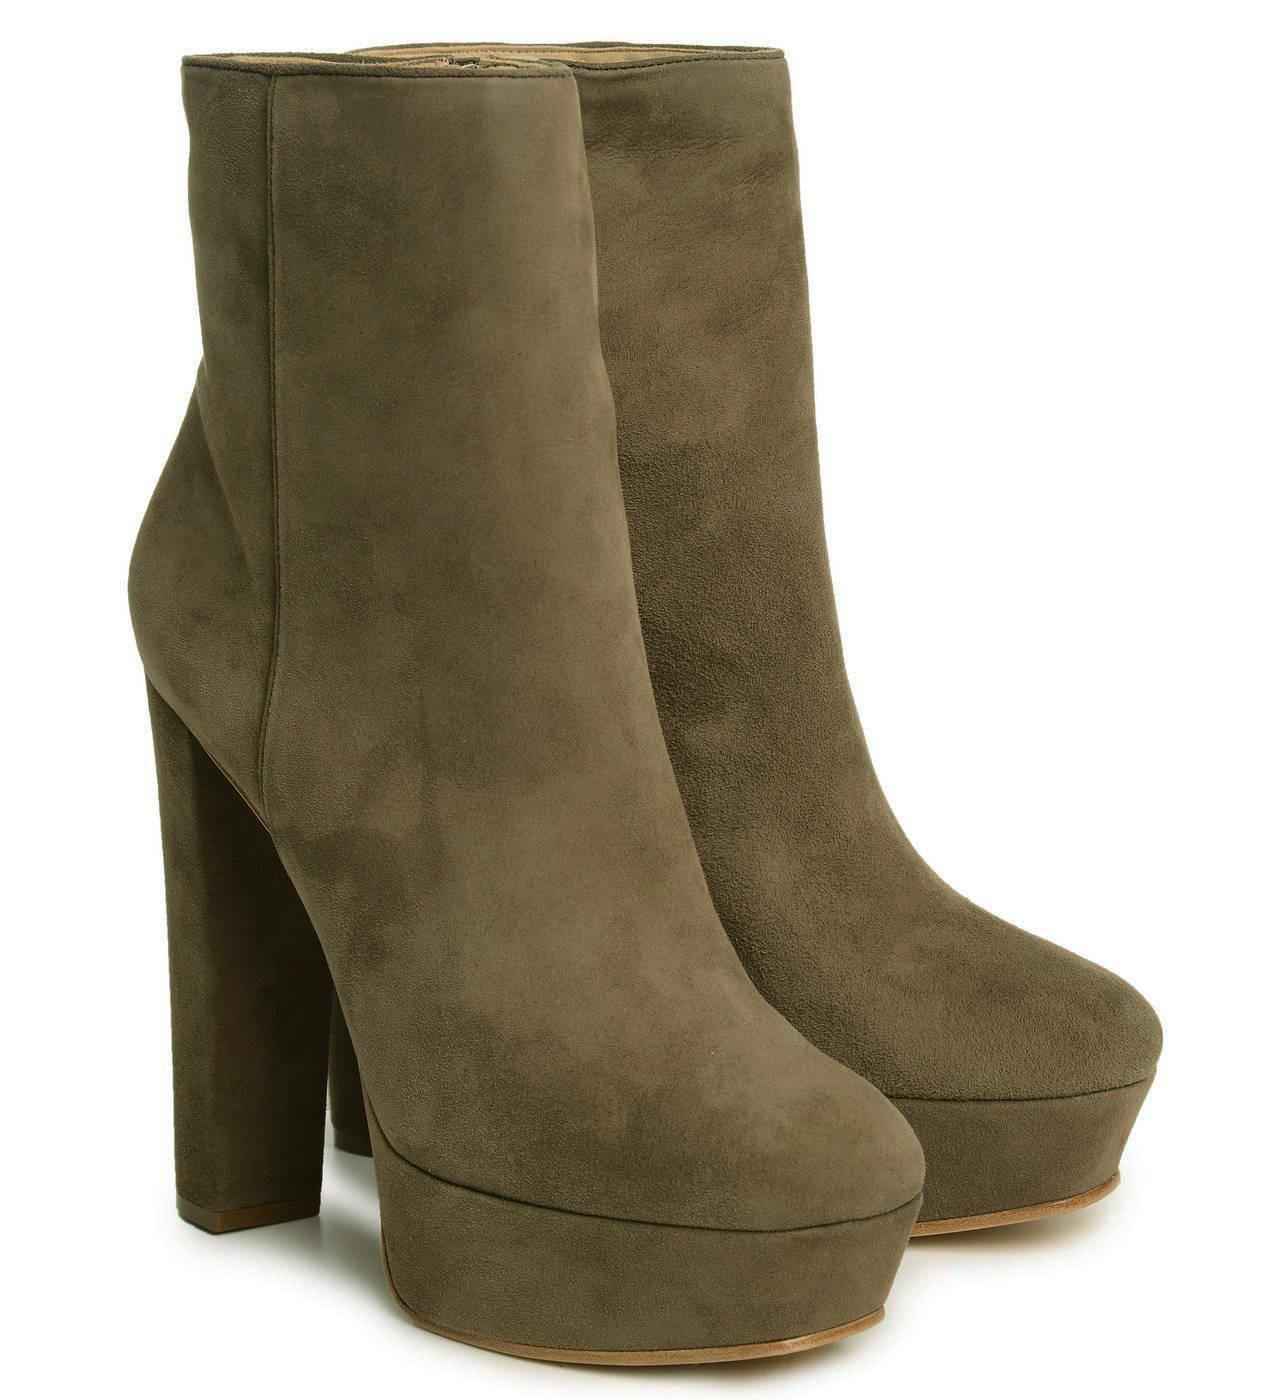 Schutz Alexia Black Leather Peep Toe LaceUp Edgy High Heel Stiletto Ankle Bootie